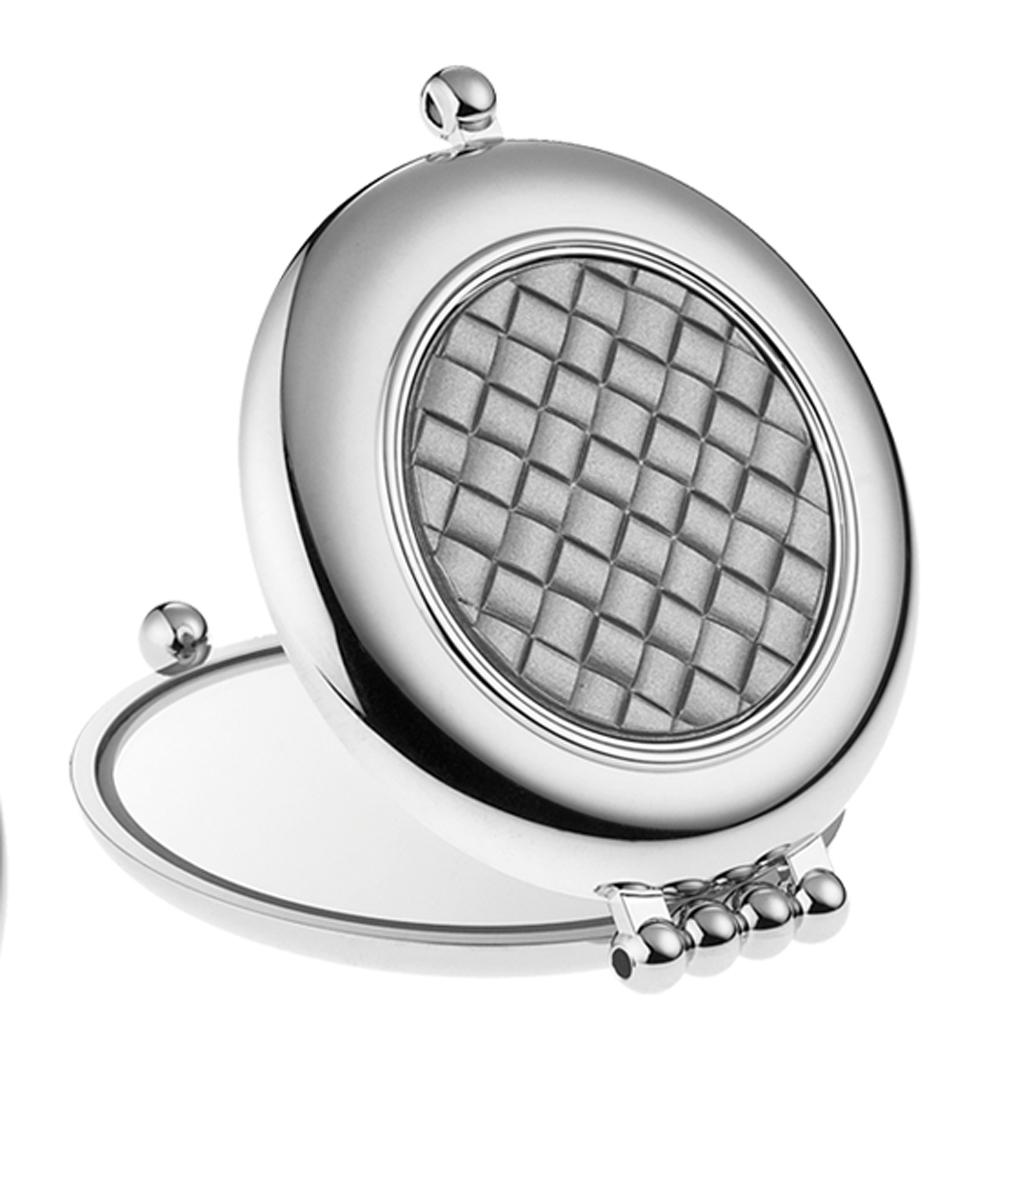 Janeke Зеркало для сумки D65, CR484.3T6.641079Марка Janeke – мировой лидер по производству расчесок, щеток, маникюрных принадлежностей, зеркал и косметичек. Марка Janeke, основанная в 1830 году, вот уже почти 180 лет поддерживает непревзойденное качество своей продукции, сочетая новейшие технологии с традициями ста- рых миланских мастеров. Все изделия на 80% производятся вручную, а инновационные технологии и современные материалы делают продукцию марки поистине уникальной. Стильный и эргономичный дизайн, яркие цветовые решения – все это приносит истин- ное удовольствие от использования аксессуаров Janeke. Компактные зеркала Janeke имеют линзы с обычным и трехкратным увеличением, которые позволяют быстро и легко поправить макияж в дороге. А благодаря стильному дизайну и миниатюрному размеру компактное зеркало Janeke станет любимым аксессуаром любой женщины.